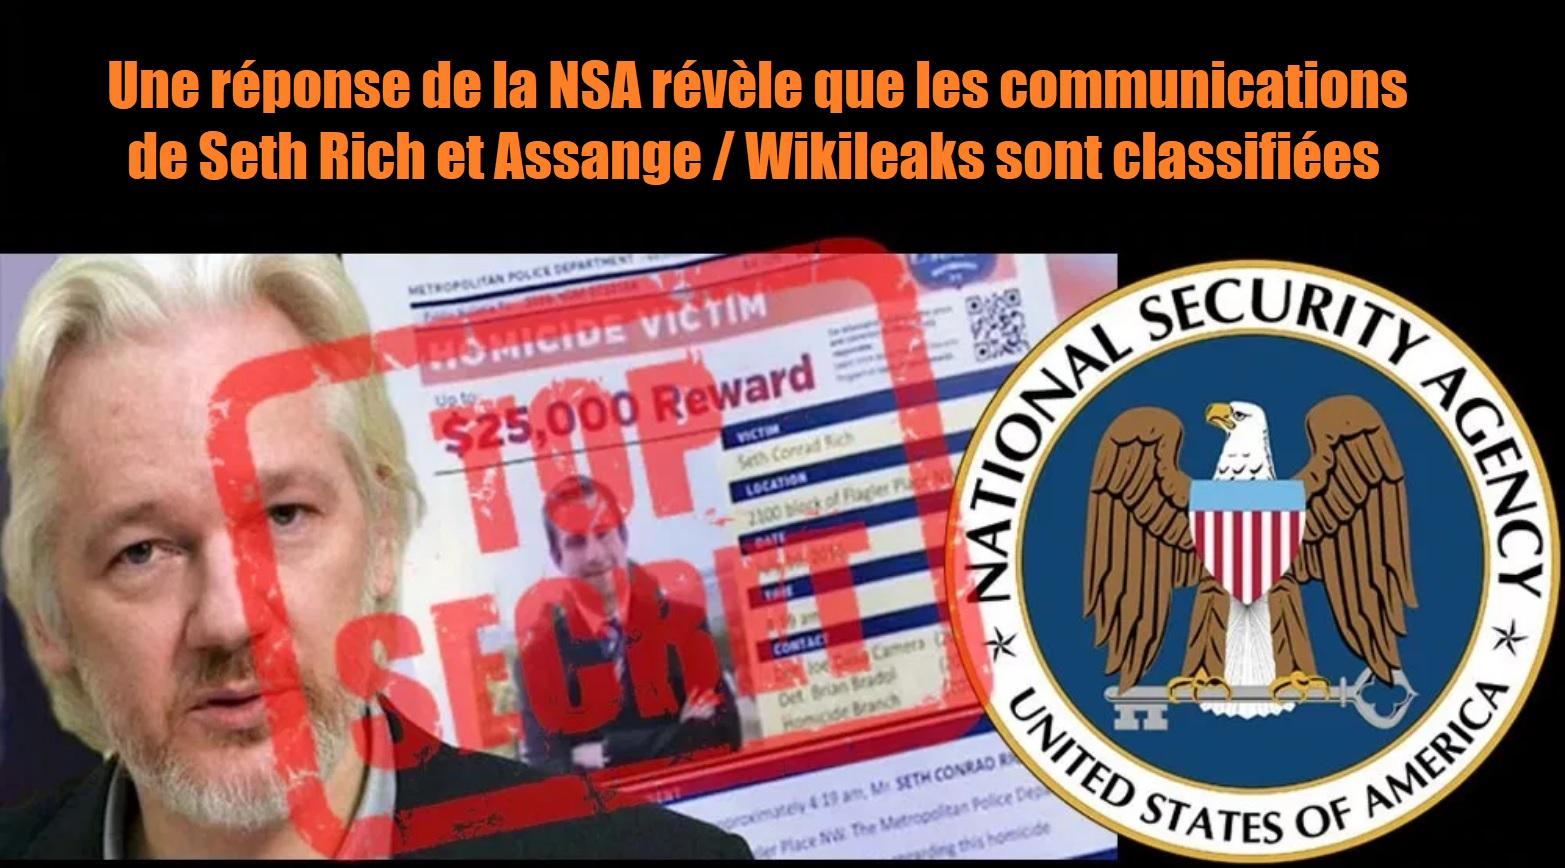 Une réponse de la NSA révèle que les communications de Seth Rich et Assange / Wikileaks sont classifiées